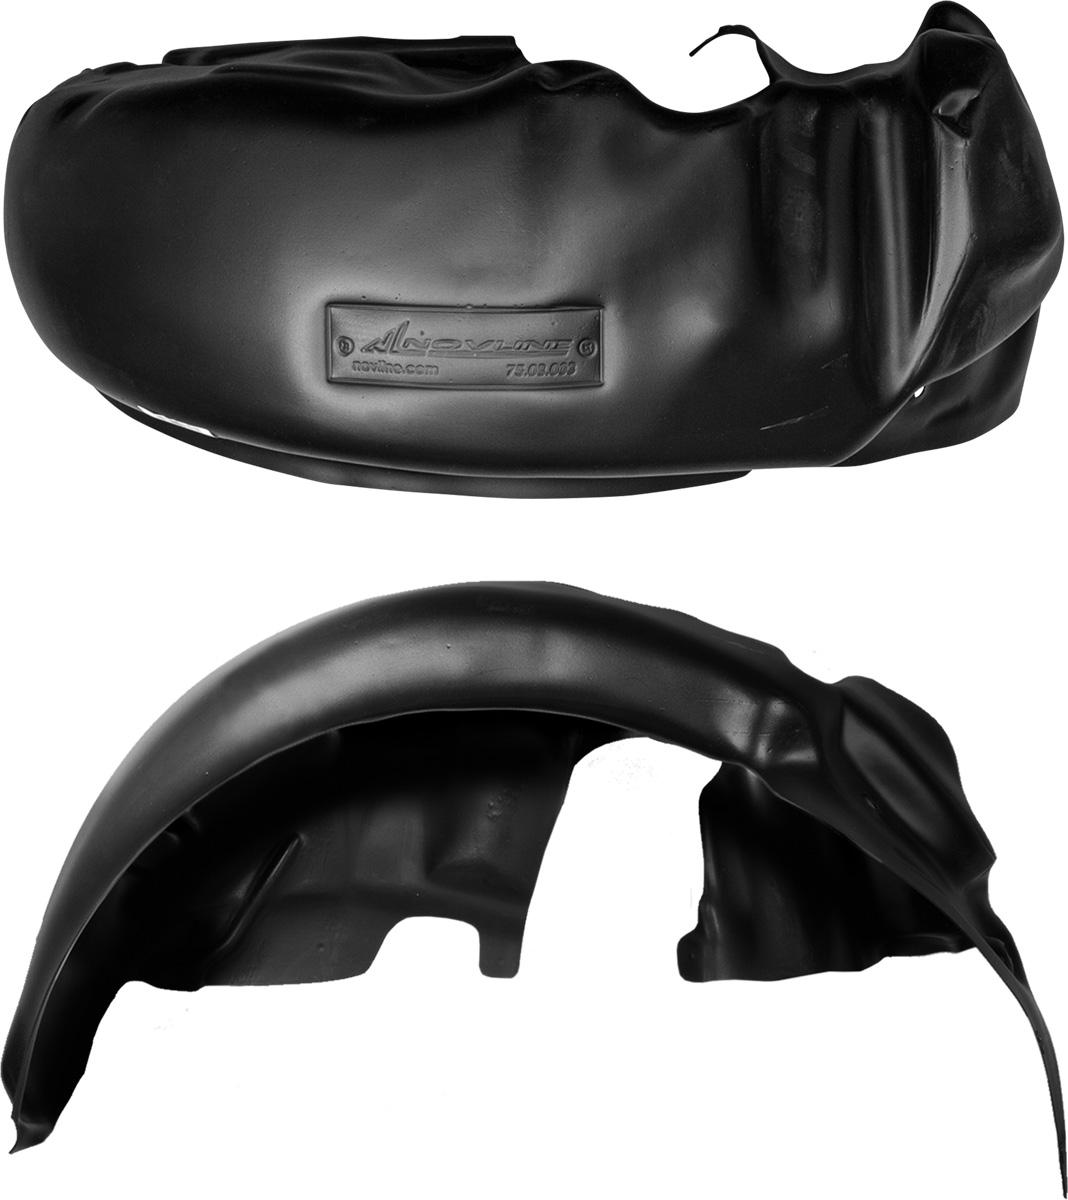 Подкрылок Novline-Autofamily, для Lada Kalina 2, 2013 ->, задний правыйNLL.52.27.004Колесные ниши - одни из самых уязвимых зон днища вашего автомобиля. Они постоянно подвергаются воздействию со стороны дороги. Лучшая, почти абсолютная защита для них - специально отформованные пластиковые кожухи, которые называются подкрылками. Производятся они как для отечественных моделей автомобилей, так и для иномарок. Подкрылки Novline-Autofamily выполнены из высококачественного, экологически чистого пластика. Обеспечивают надежную защиту кузова автомобиля от пескоструйного эффекта и негативного влияния, агрессивных антигололедных реагентов. Пластик обладает более низкой теплопроводностью, чем металл, поэтому в зимний период эксплуатации использование пластиковых подкрылков позволяет лучше защитить колесные ниши от налипания снега и образования наледи. Оригинальность конструкции подчеркивает элегантность автомобиля, бережно защищает нанесенное на днище кузова антикоррозийное покрытие и позволяет осуществить крепление подкрылков внутри колесной арки практически без...